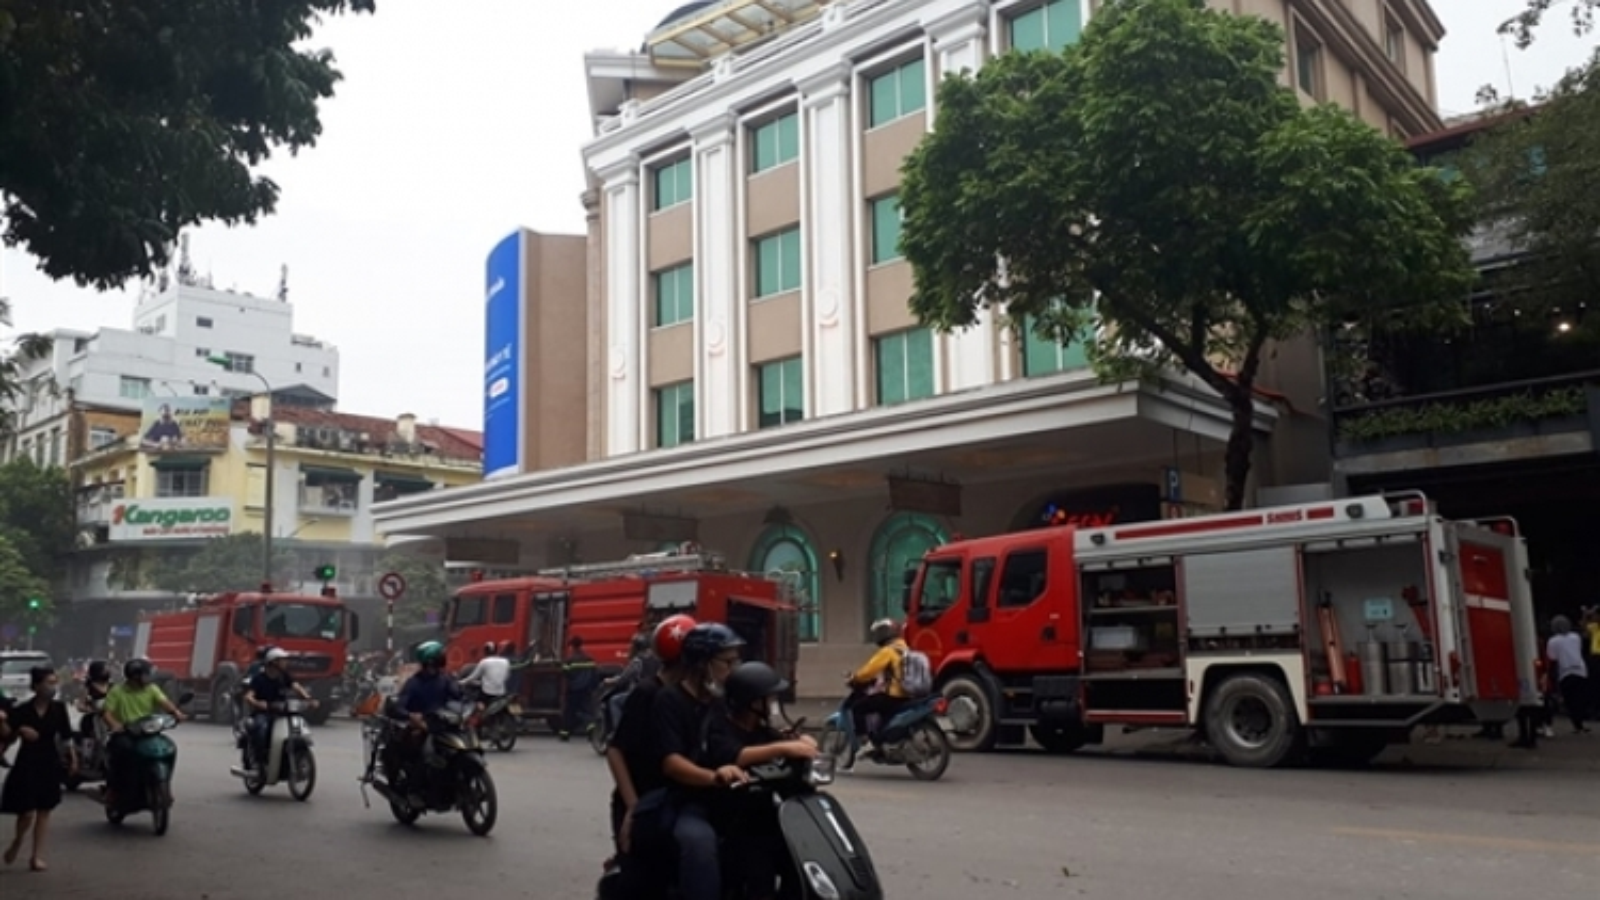 Ô tô bốc cháy dưới tầng hầm Trung tâm thương mại Tràng Tiền Plaza